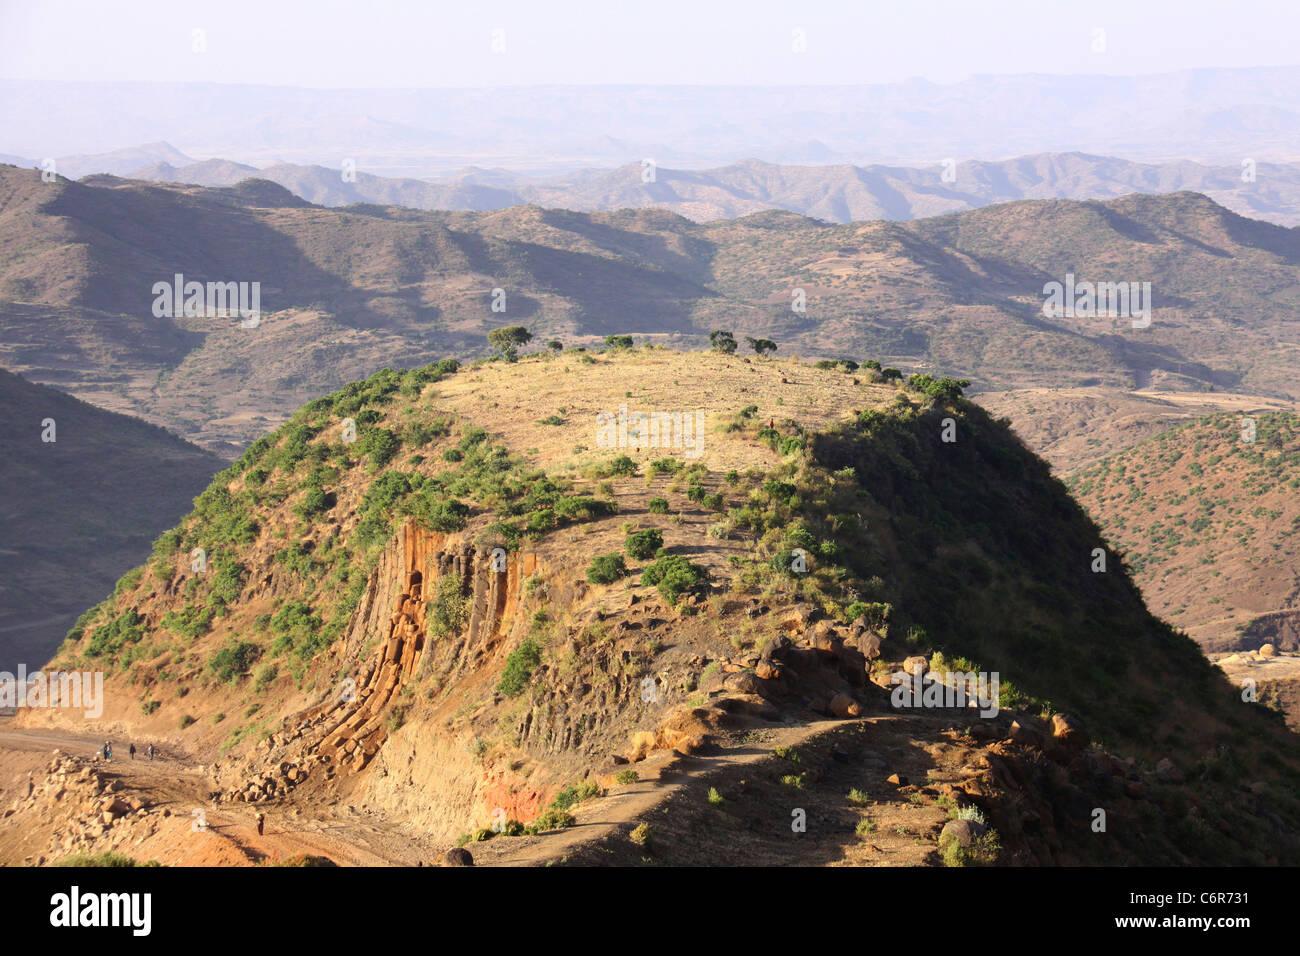 Eine malerische Aussicht auf einem Berggipfel mit Bergketten im Hintergrund Stockbild